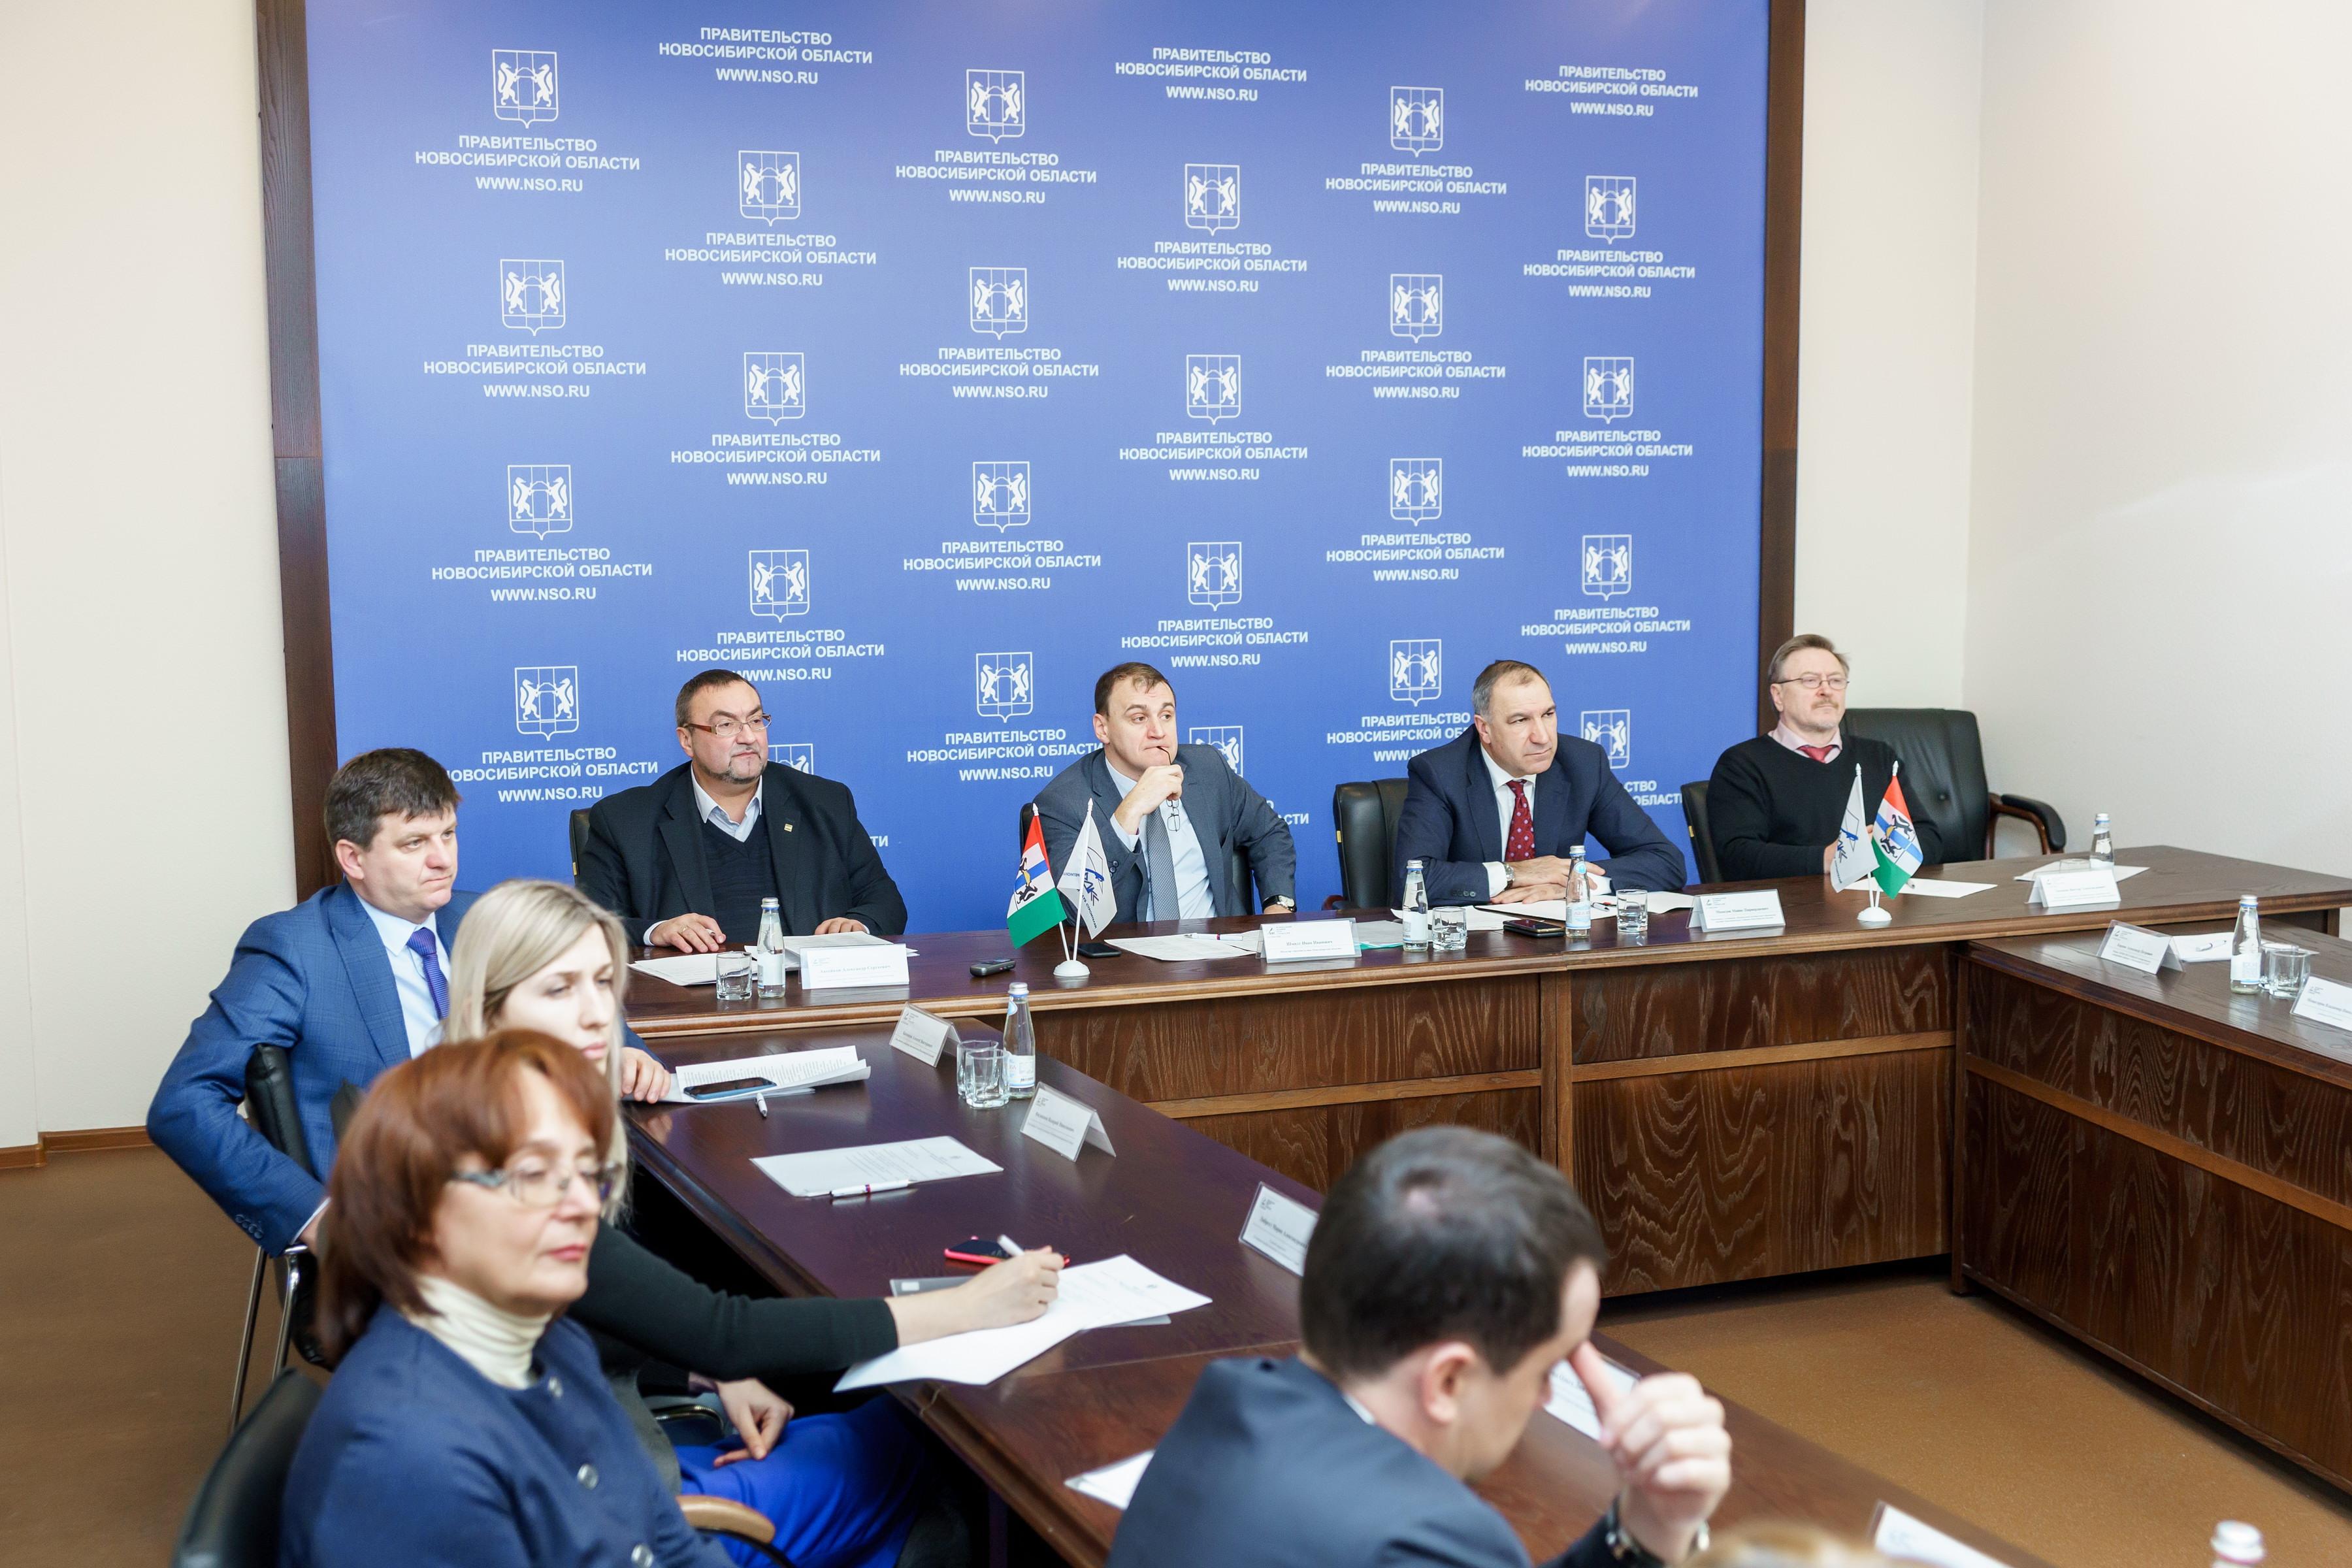 Применение BIM-технологий в строительной отрасли Новосибирской области